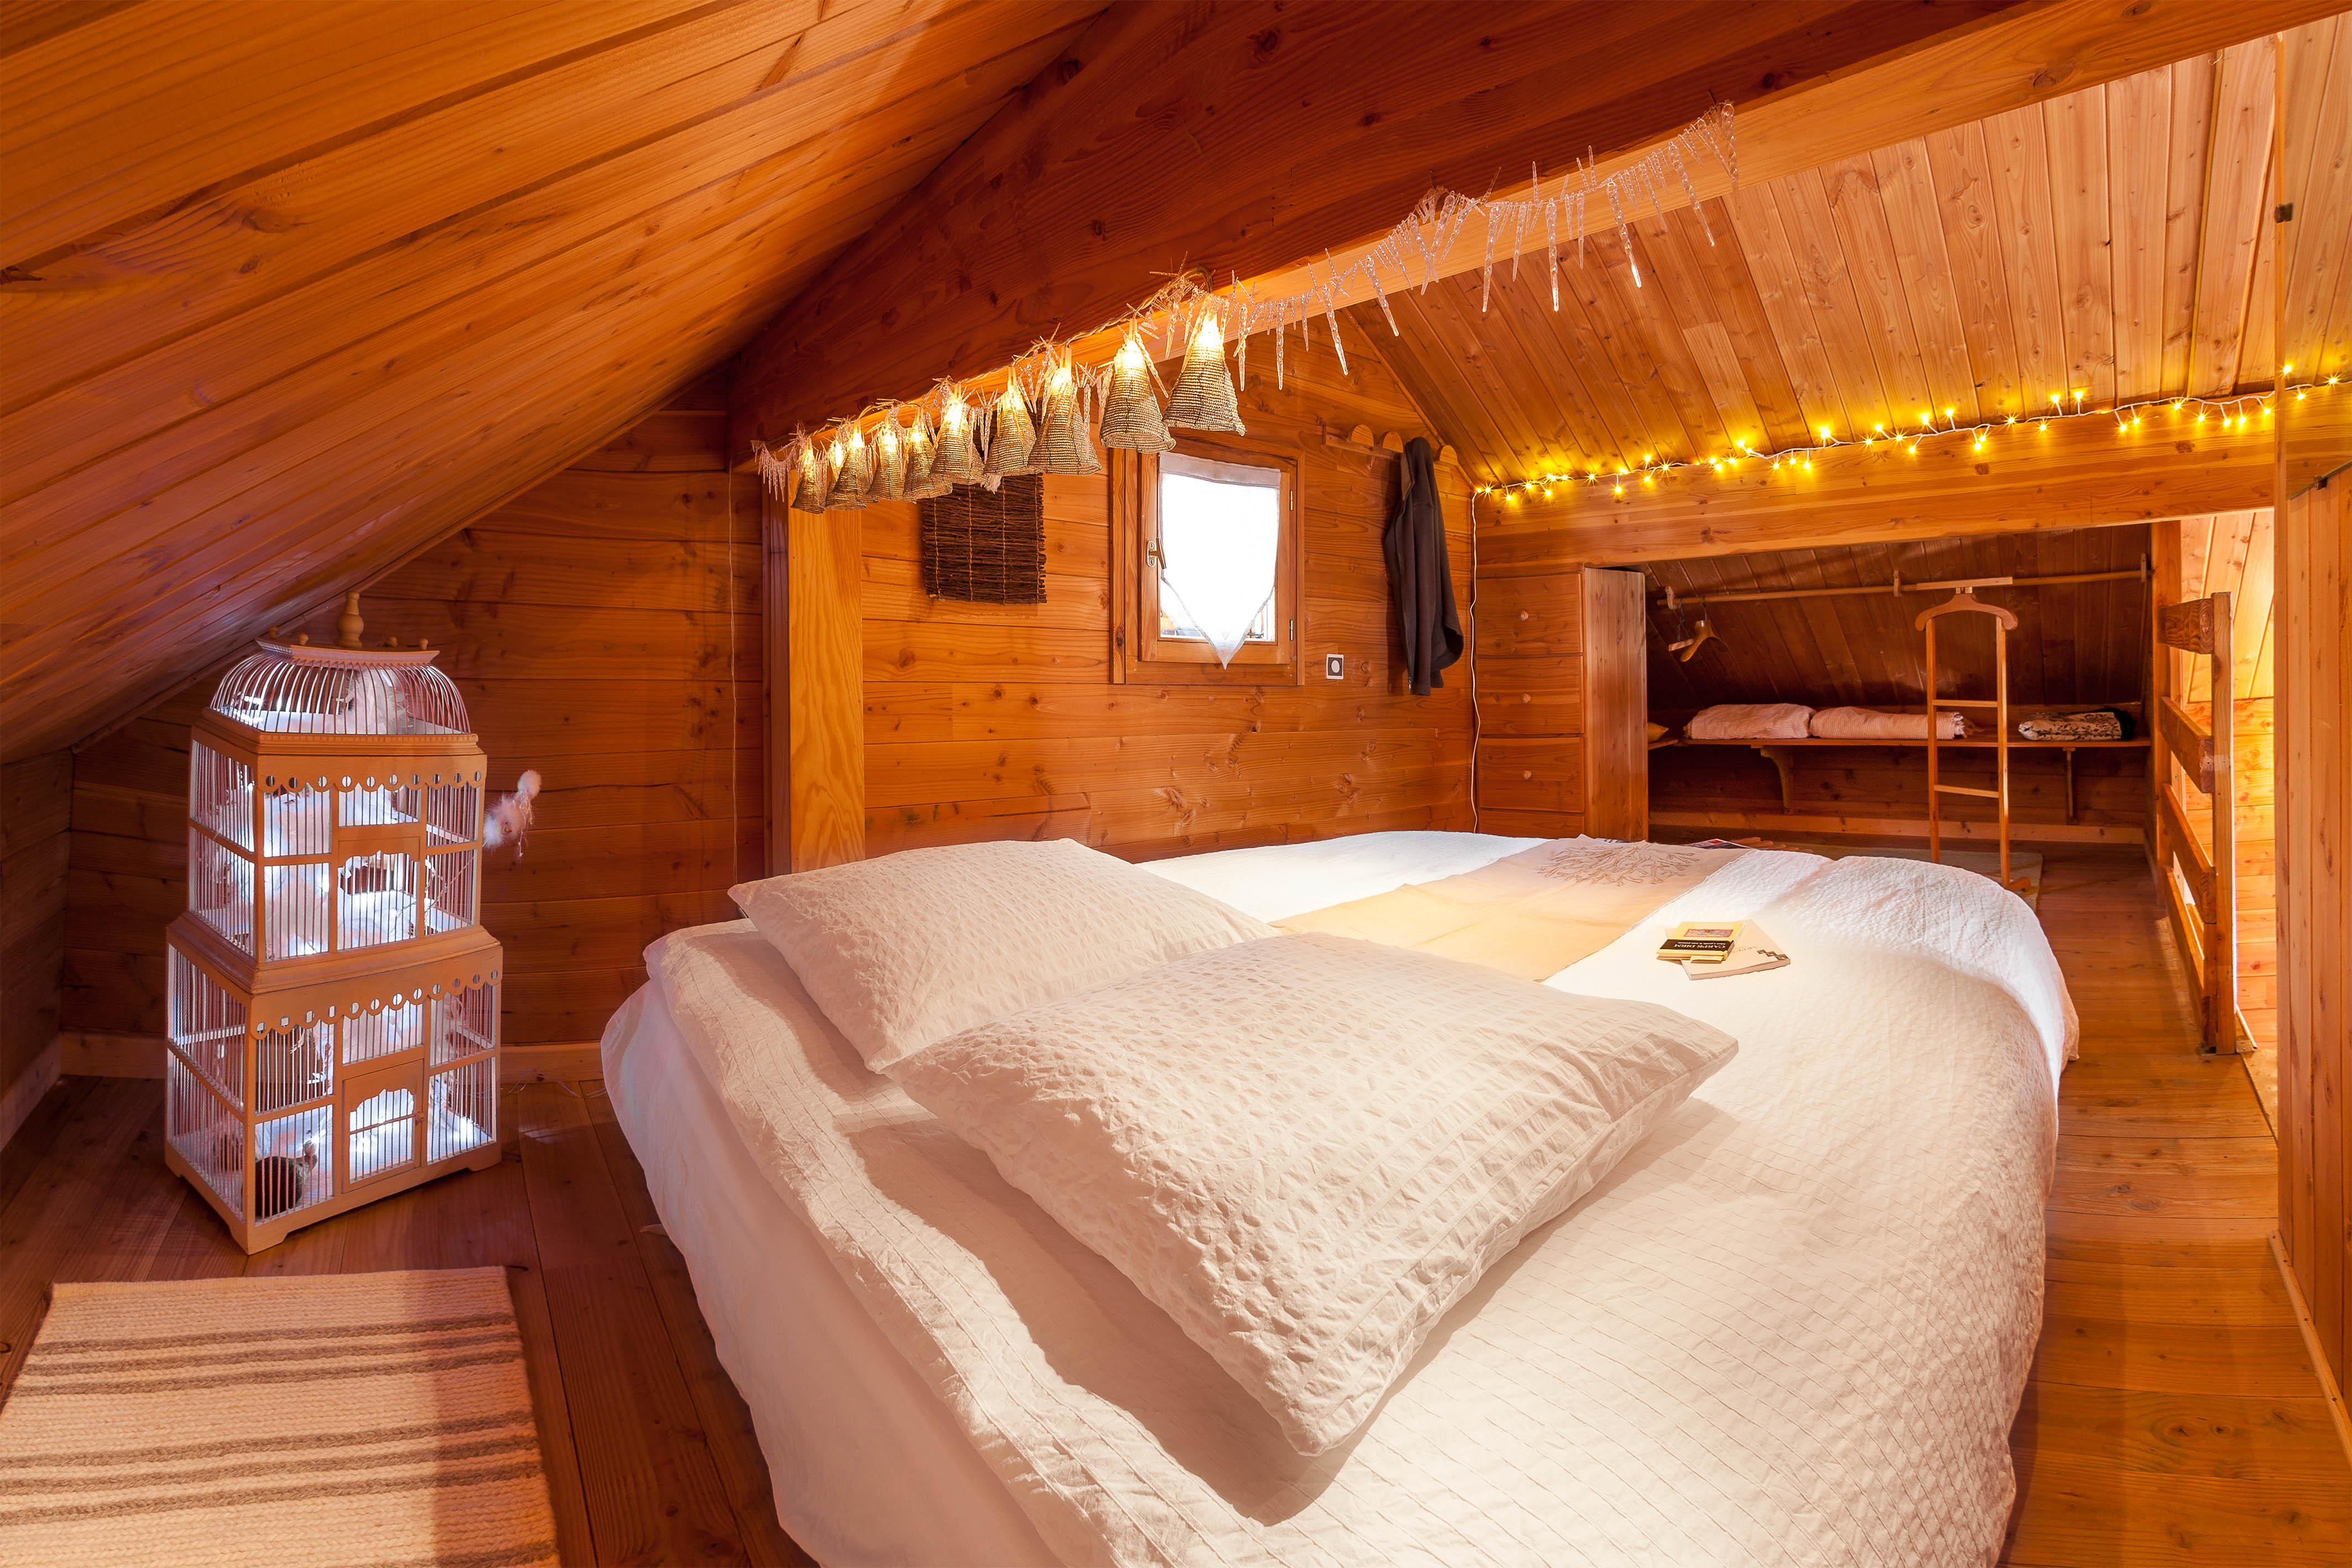 Chambre à l'étage mezzanine du Chalet Carpe Diem, couchage modulable 2 personnes